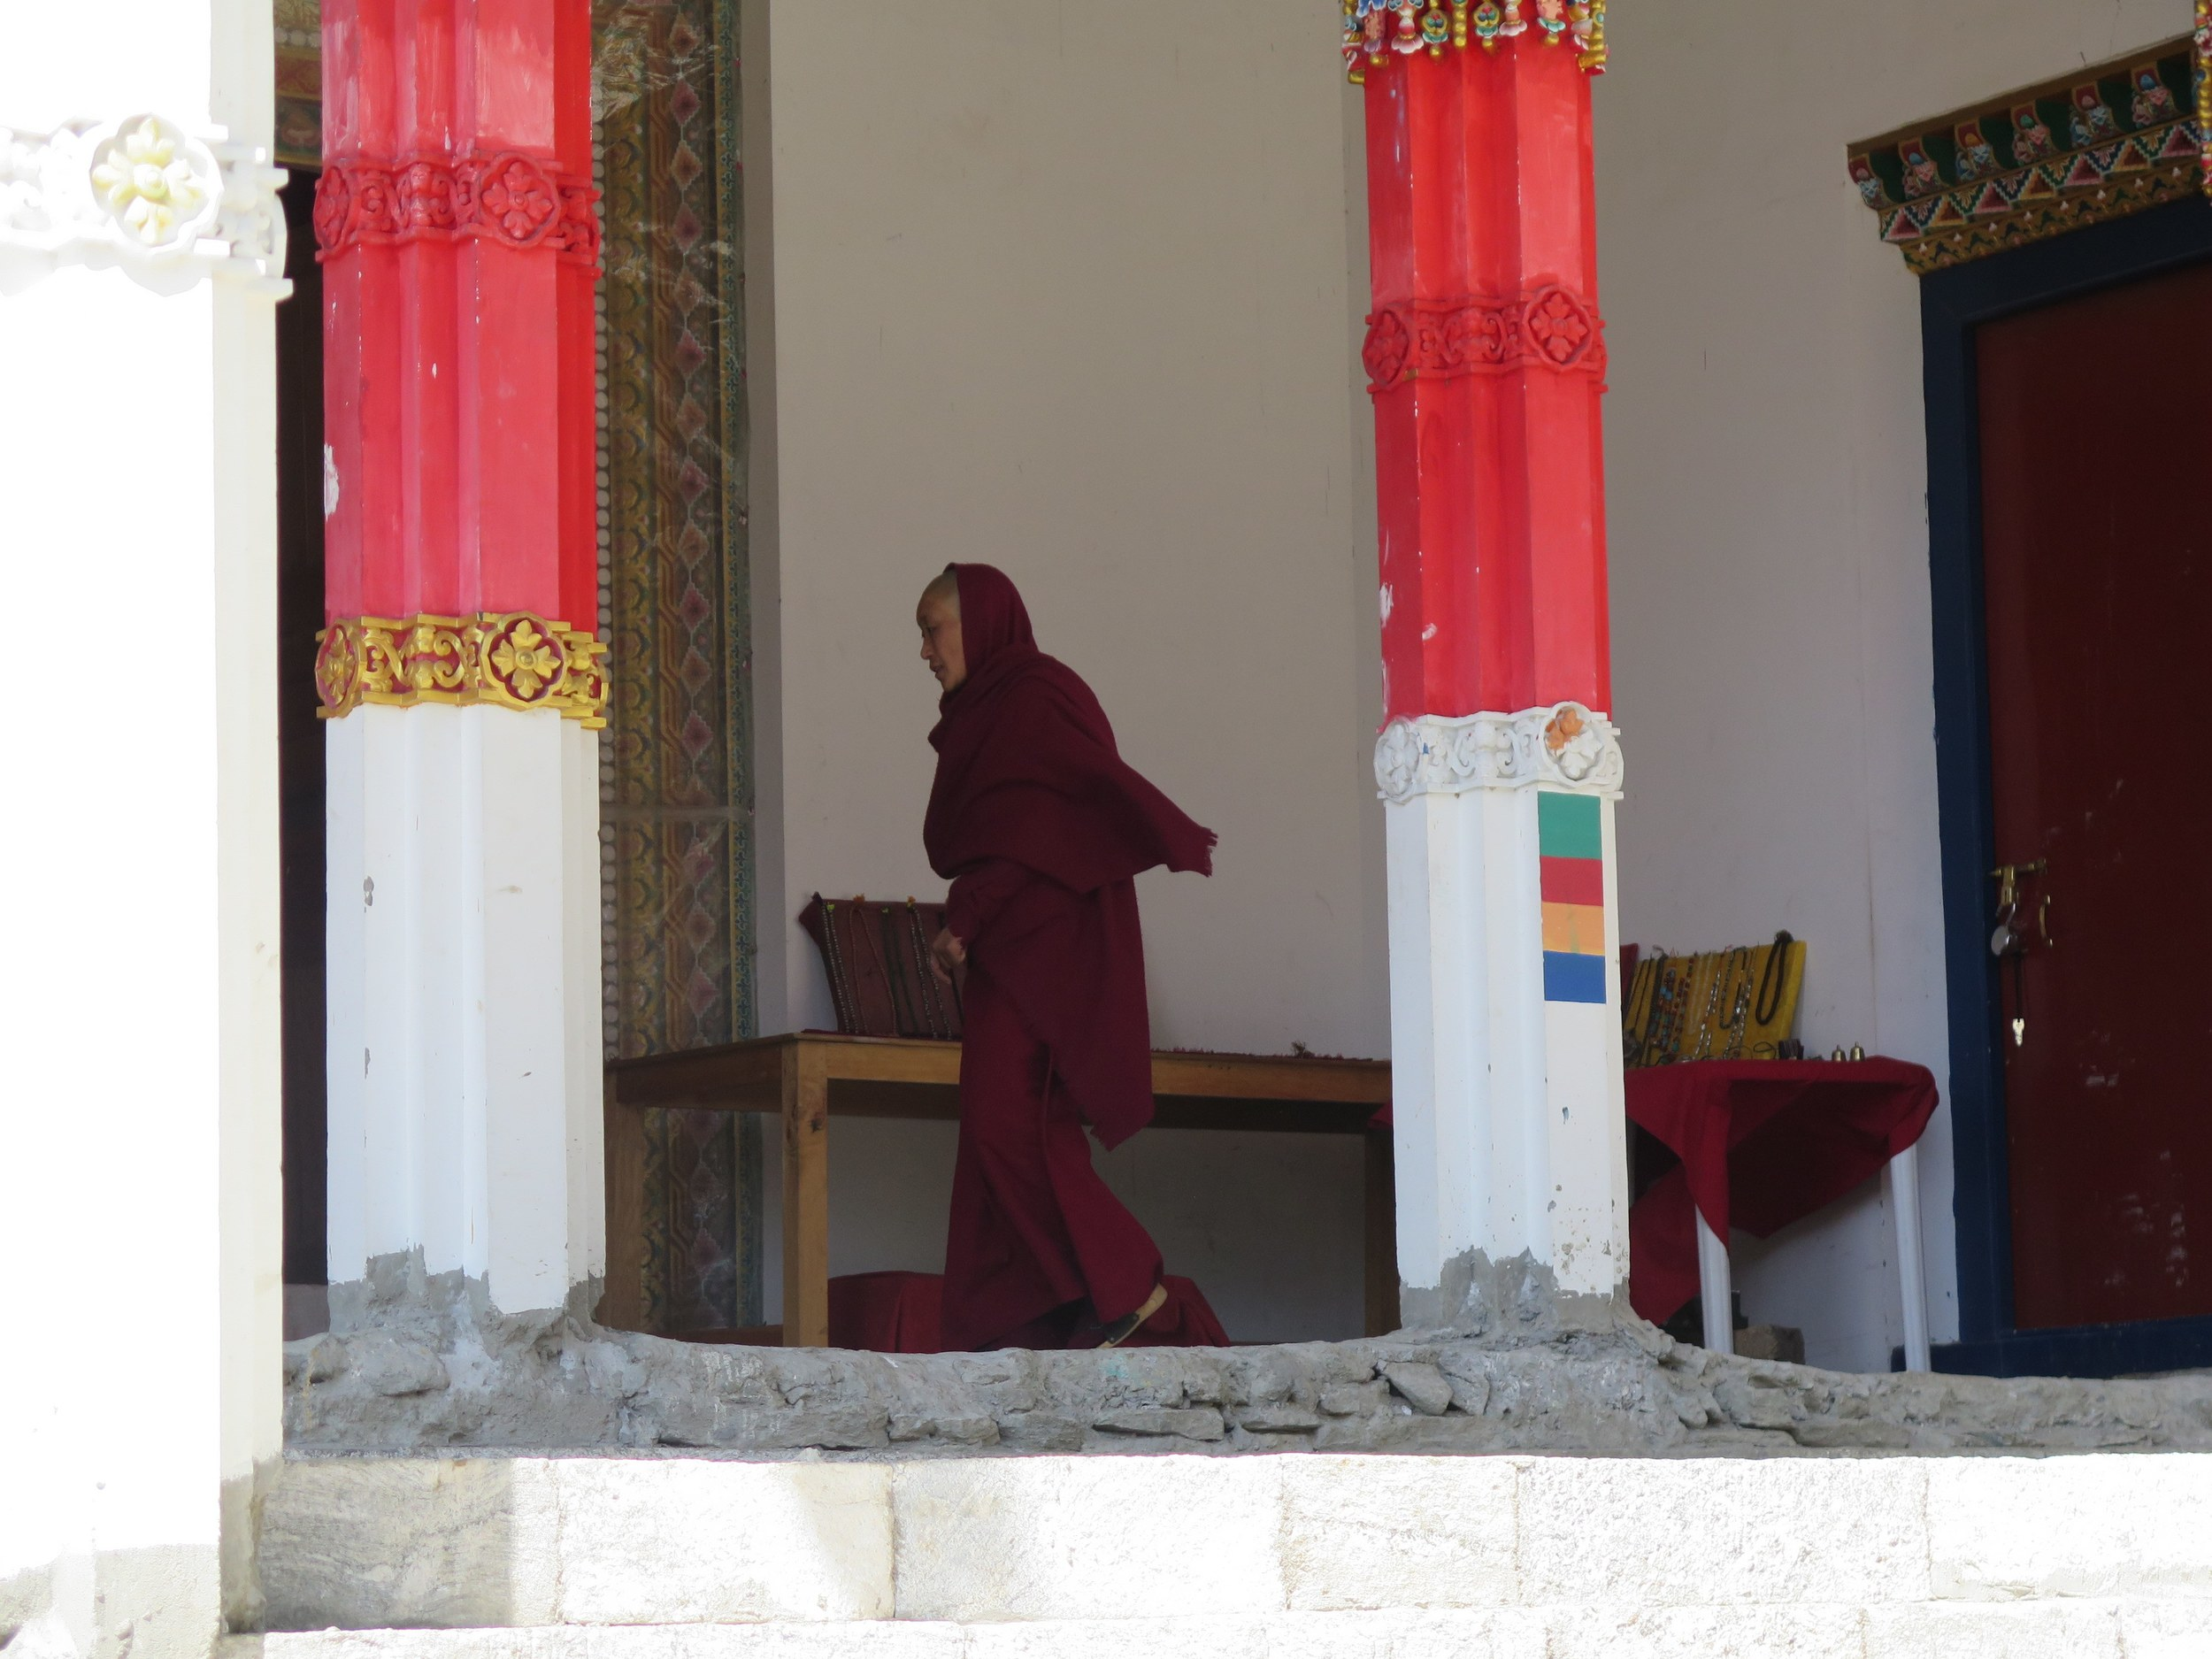 Rahibelerden biri / One of the nuns